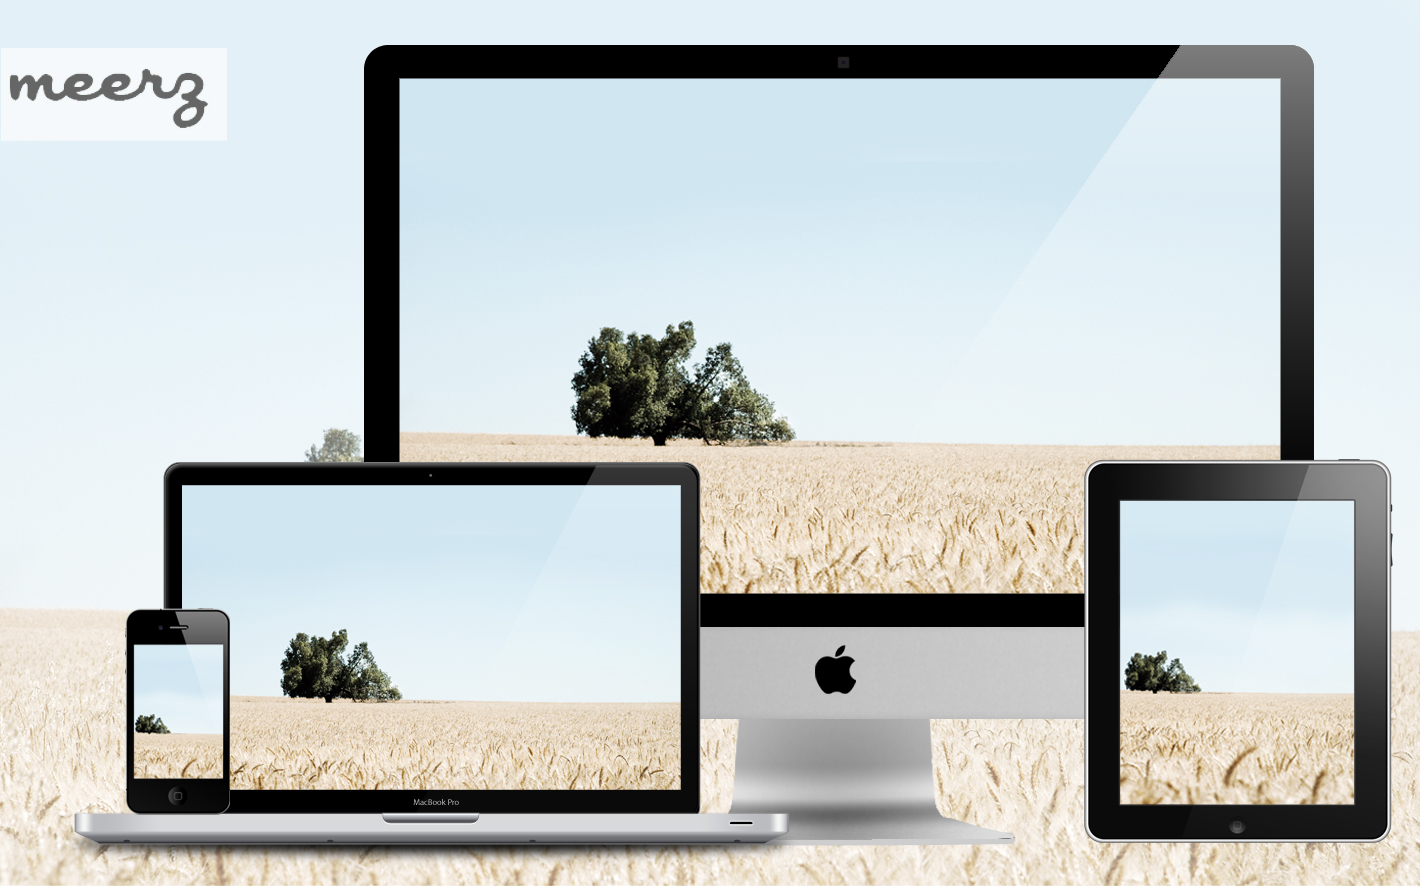 Wallpaper 6 - Wheat Field